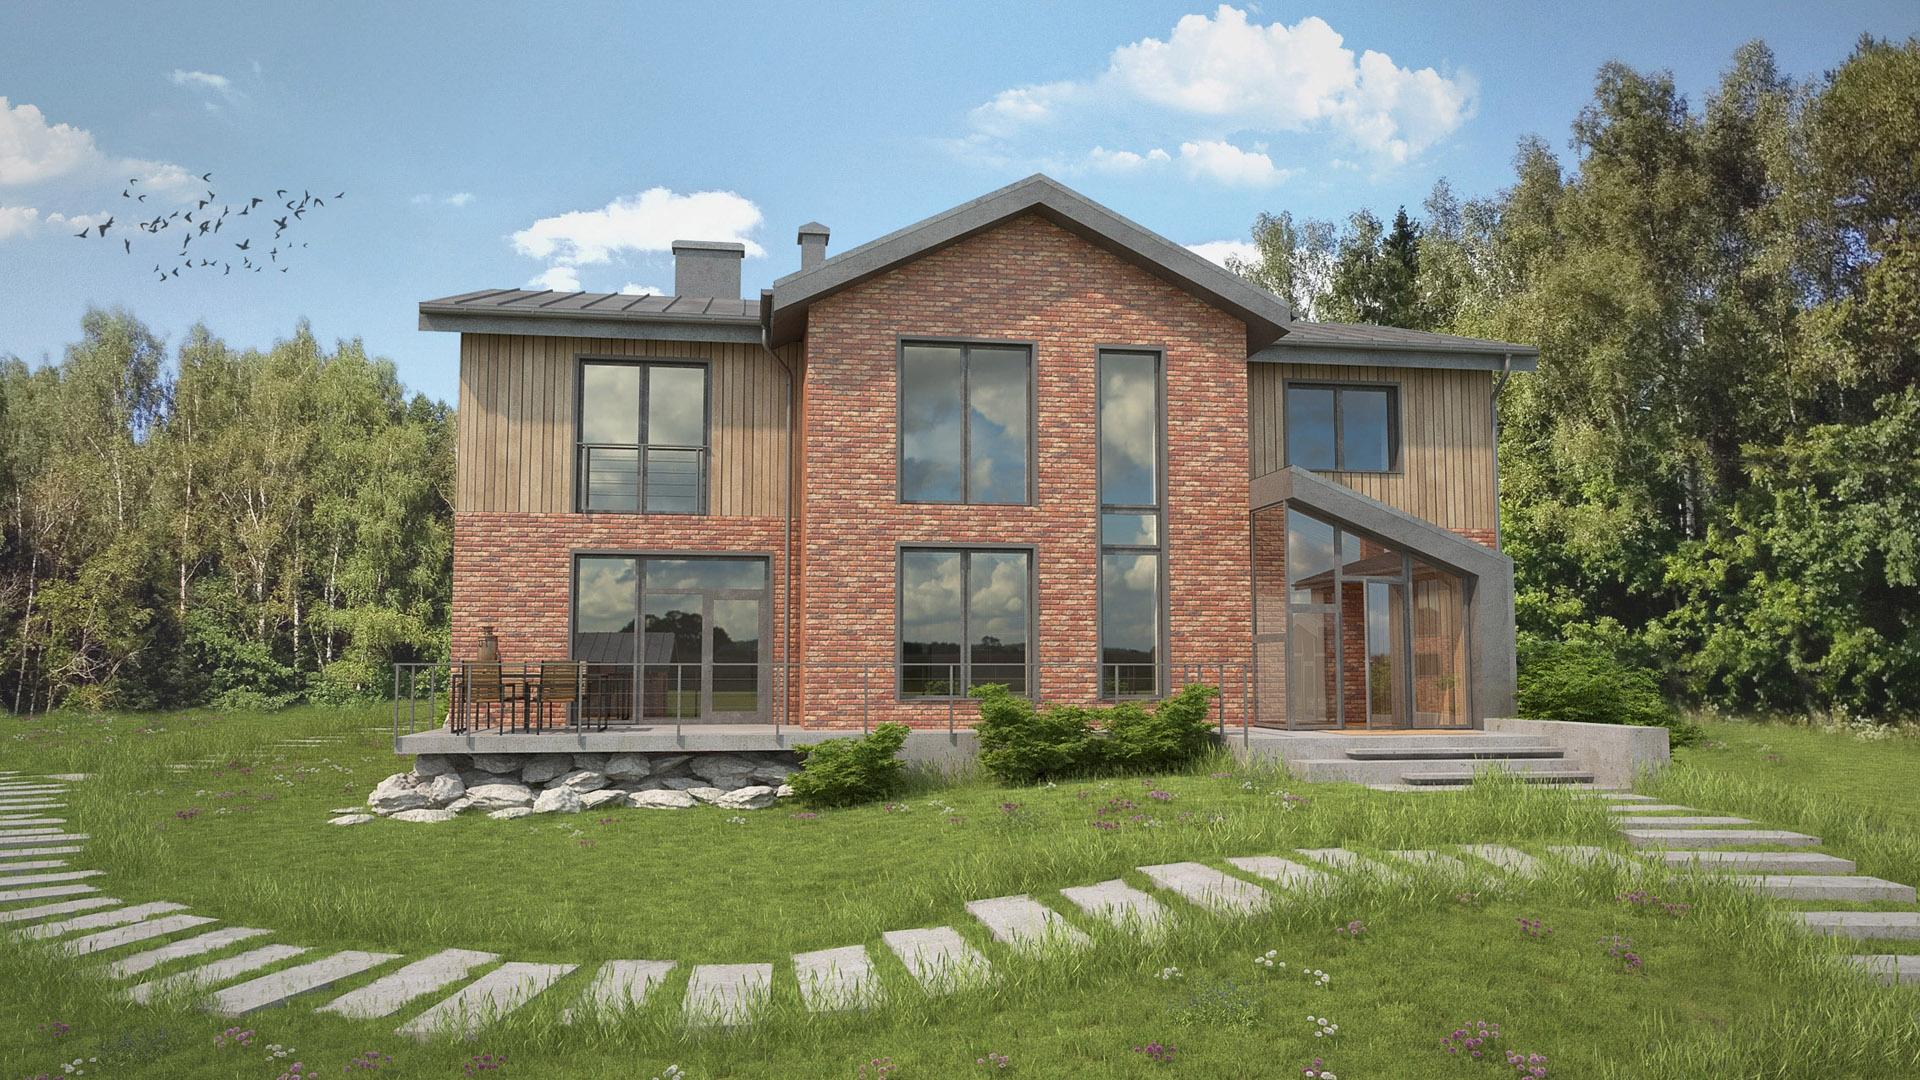 Изображение для проекта Современное поместье для большой семьи 2164